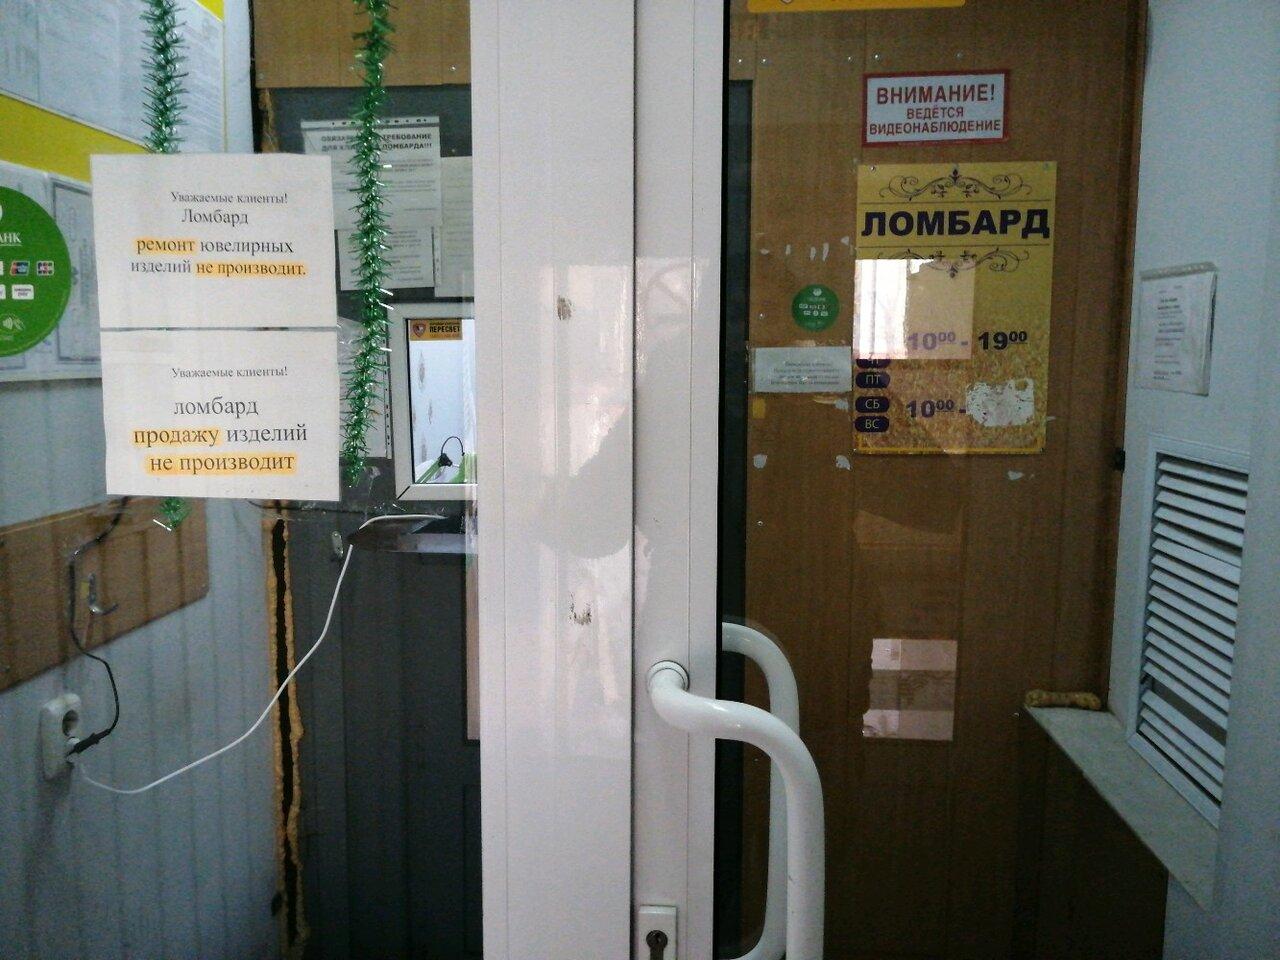 Ярославль первый ломбард t tissot стоимость часов